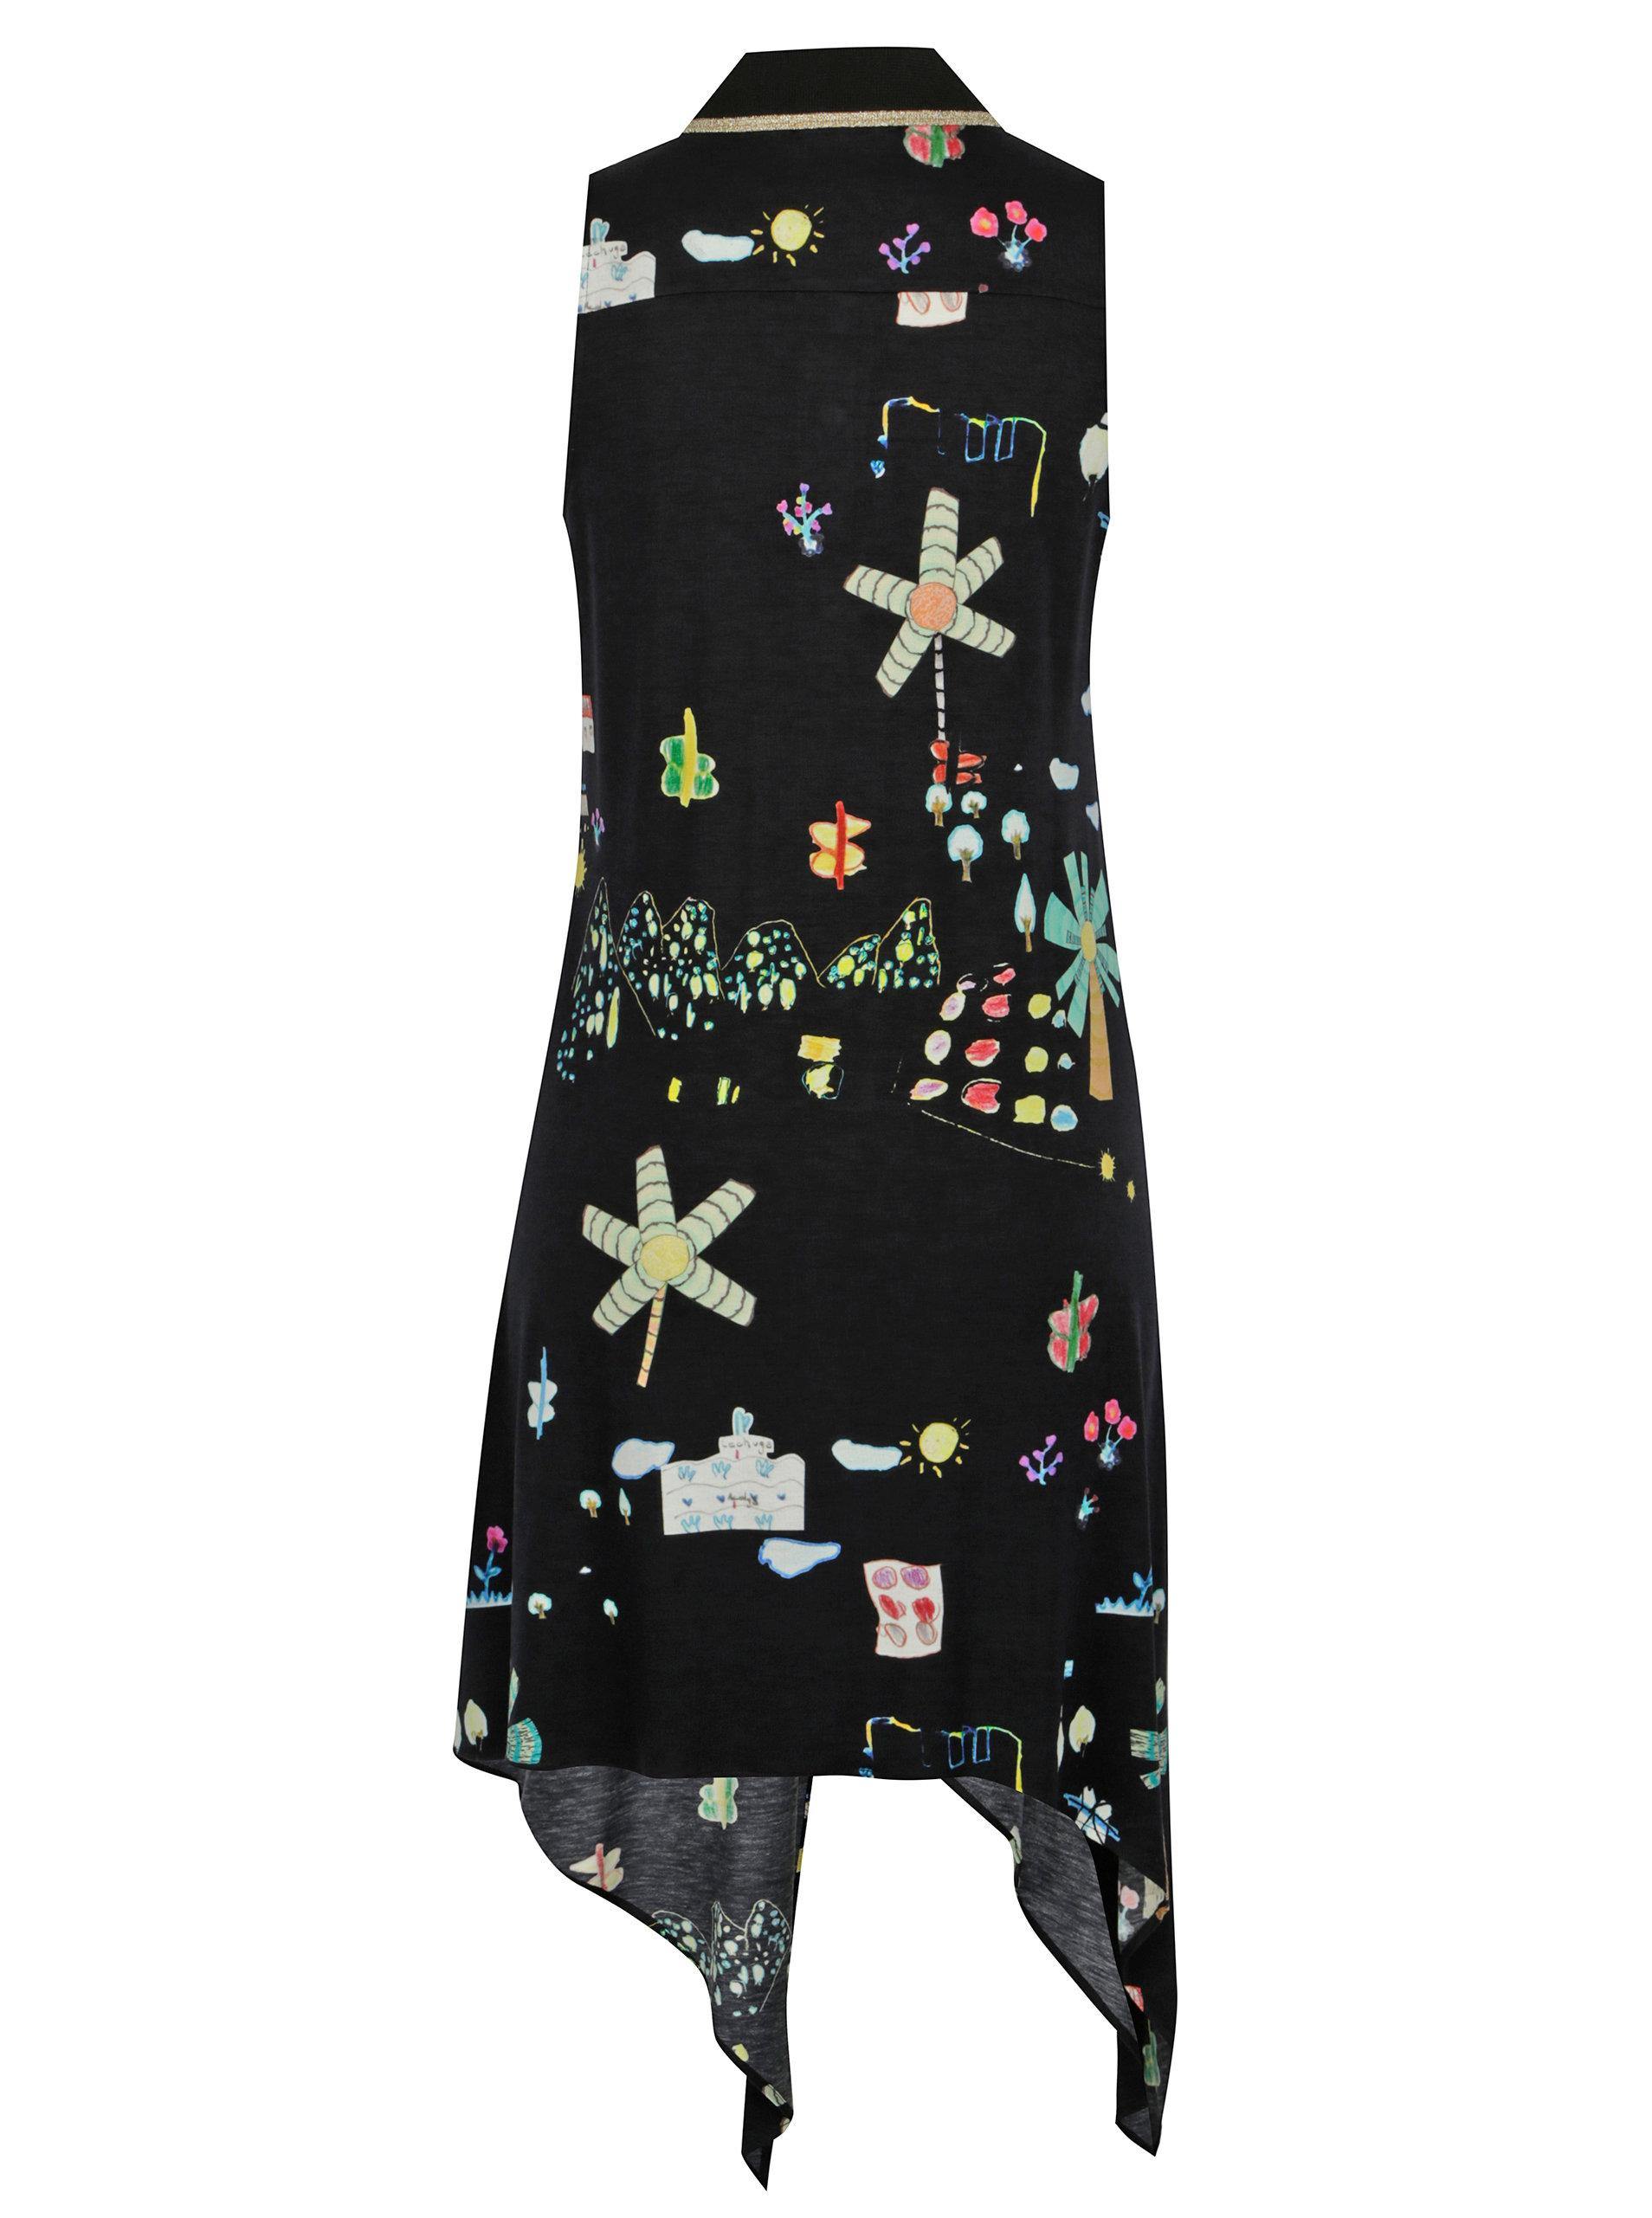 Černé vzorované šaty bez rukávů Desigual Mariona ... 68eb7b4dc8